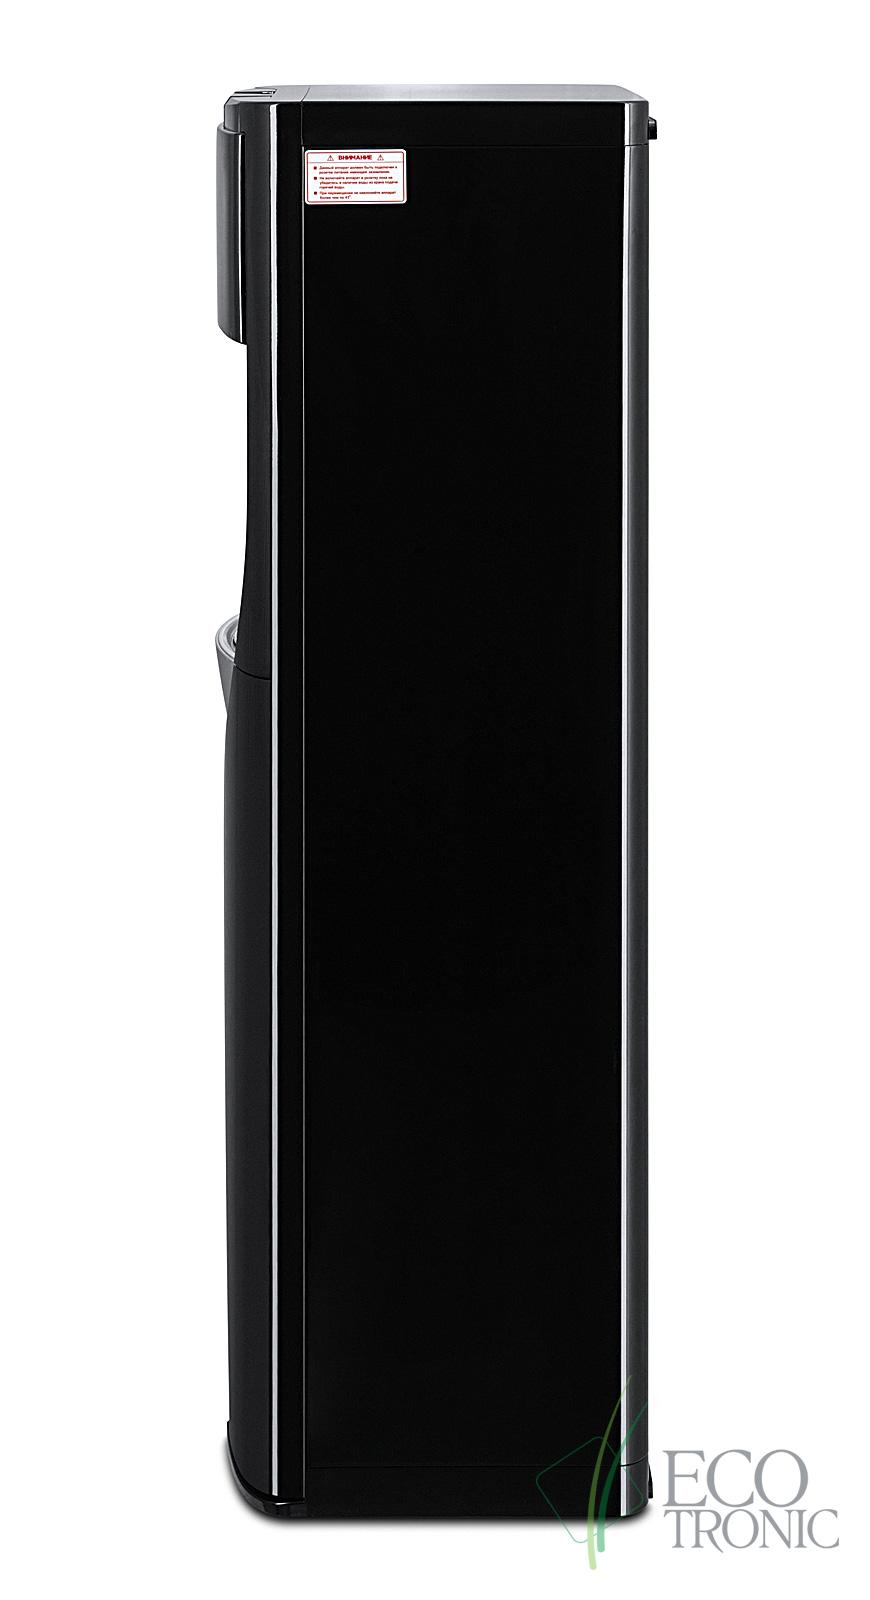 Кулер Ecotronic P10-LX black